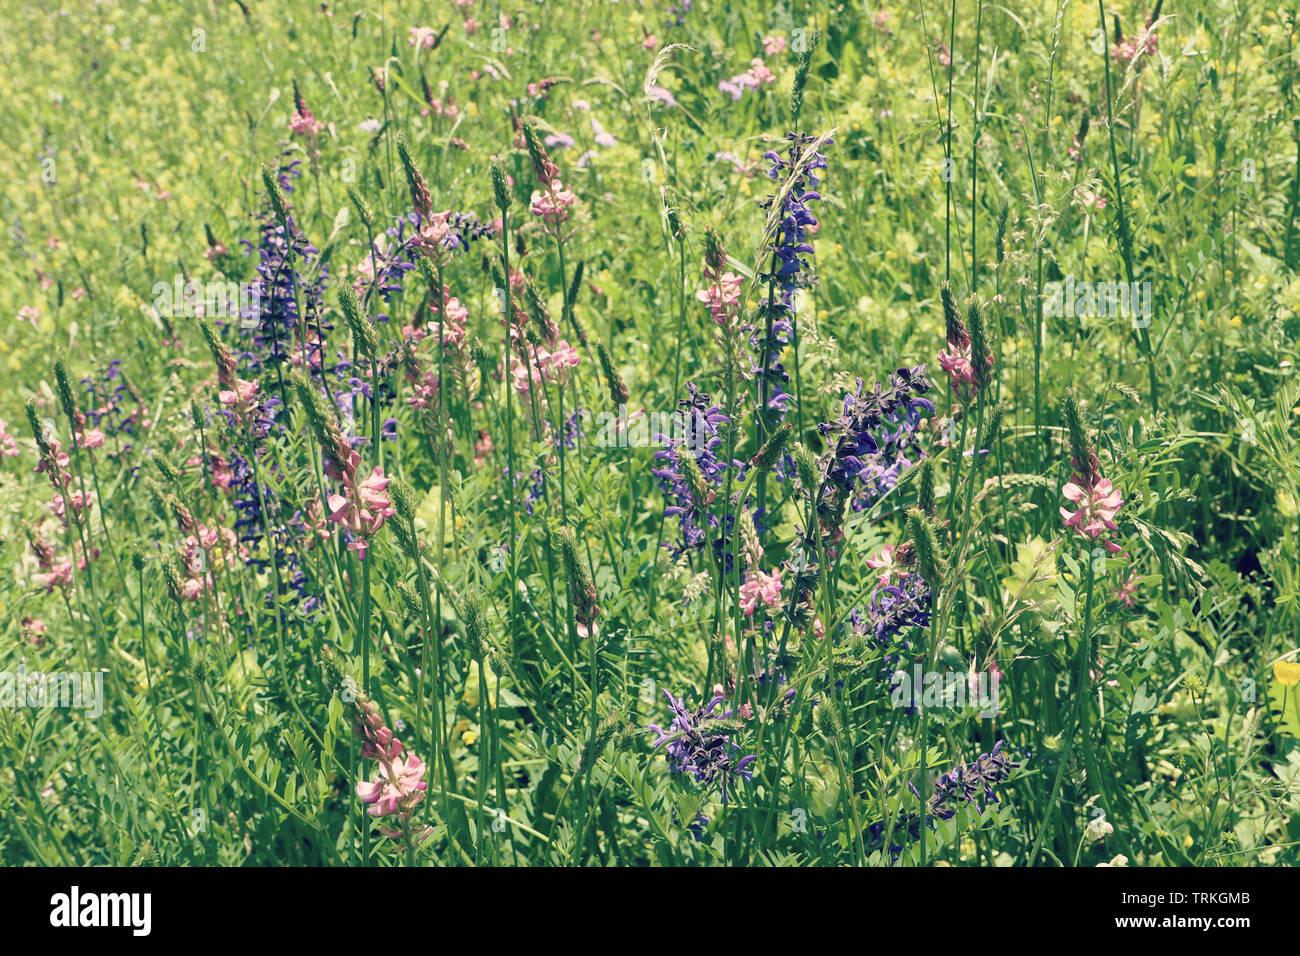 Meadow enchanteur plein de belle spontanéité violet, rose et violet fleurs lupin sauvage. Nature printemps antécédents, soft focus et blur Banque D'Images